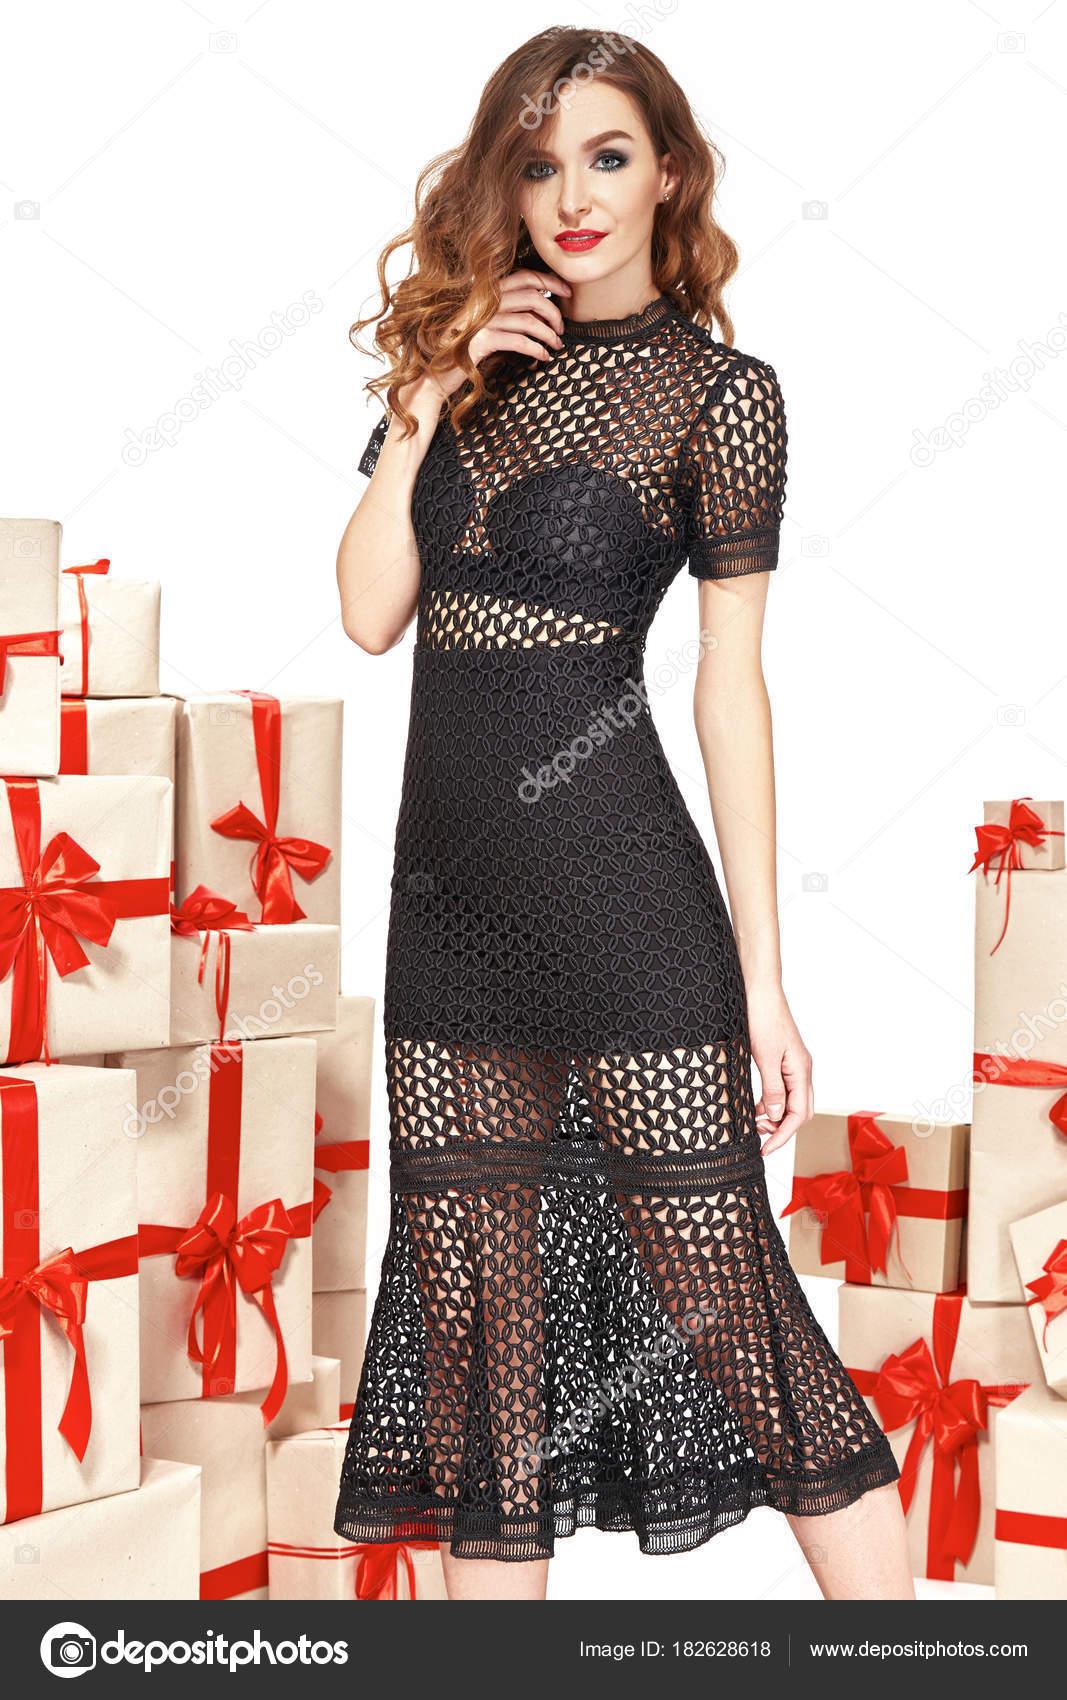 schöne sexy Frau Kleidung box Geschenk Mode-Stil — Stockfoto ...